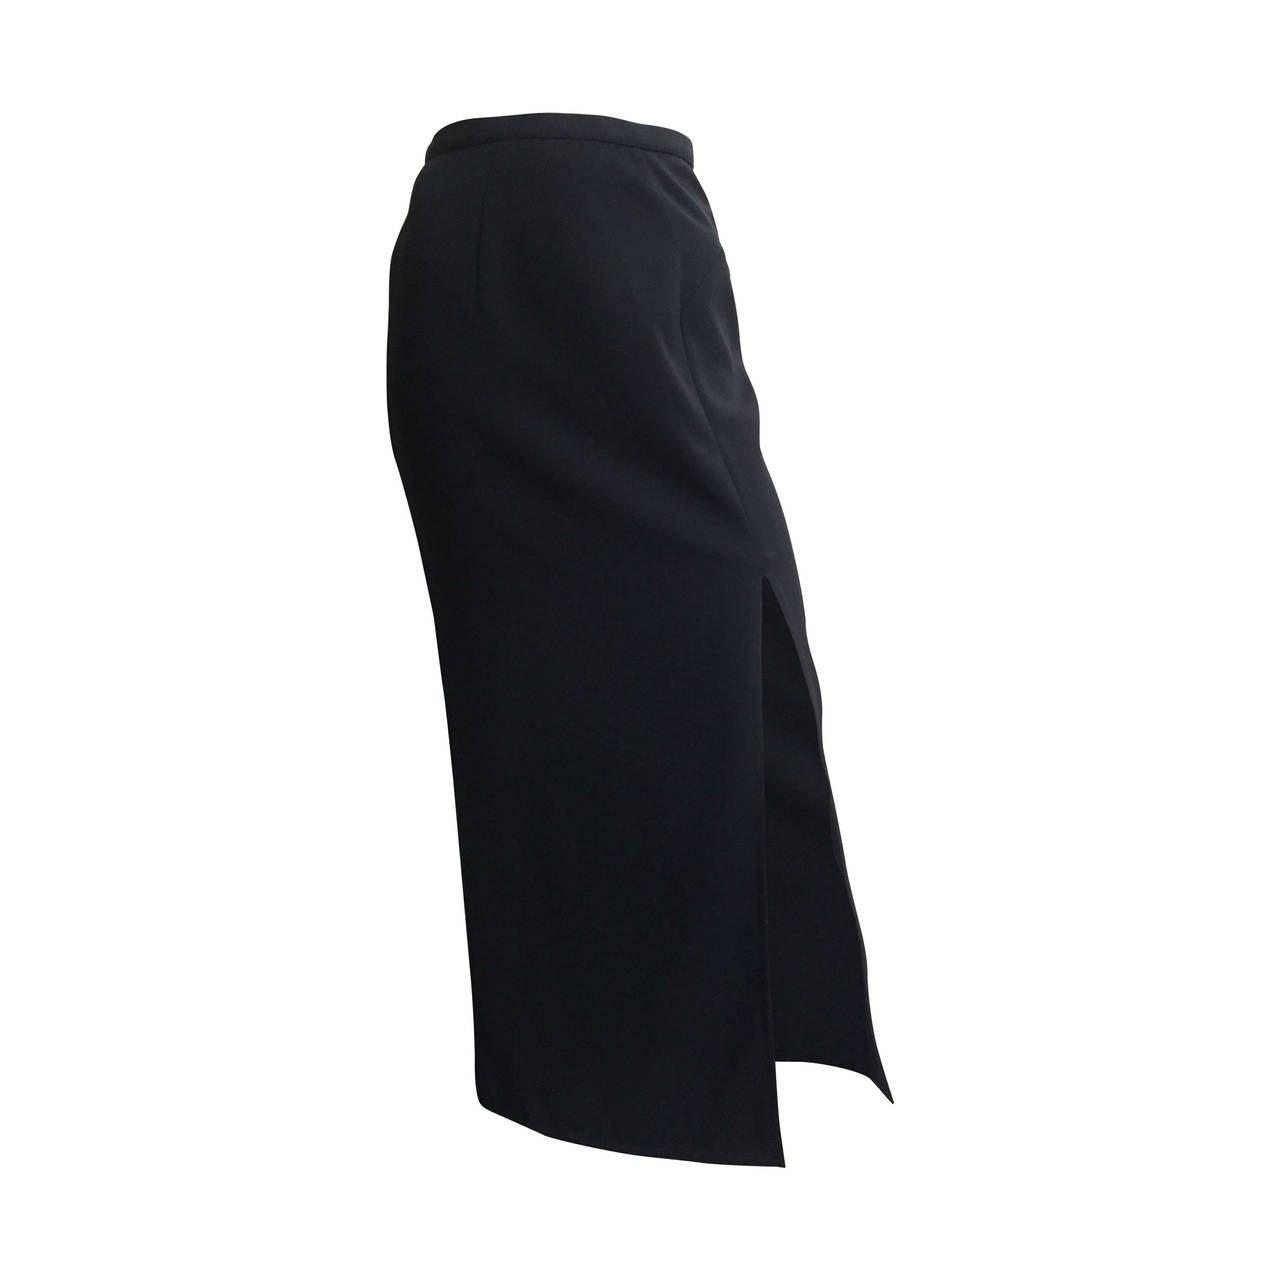 Mugler 90s Black Evening Skirt Size 4. 1